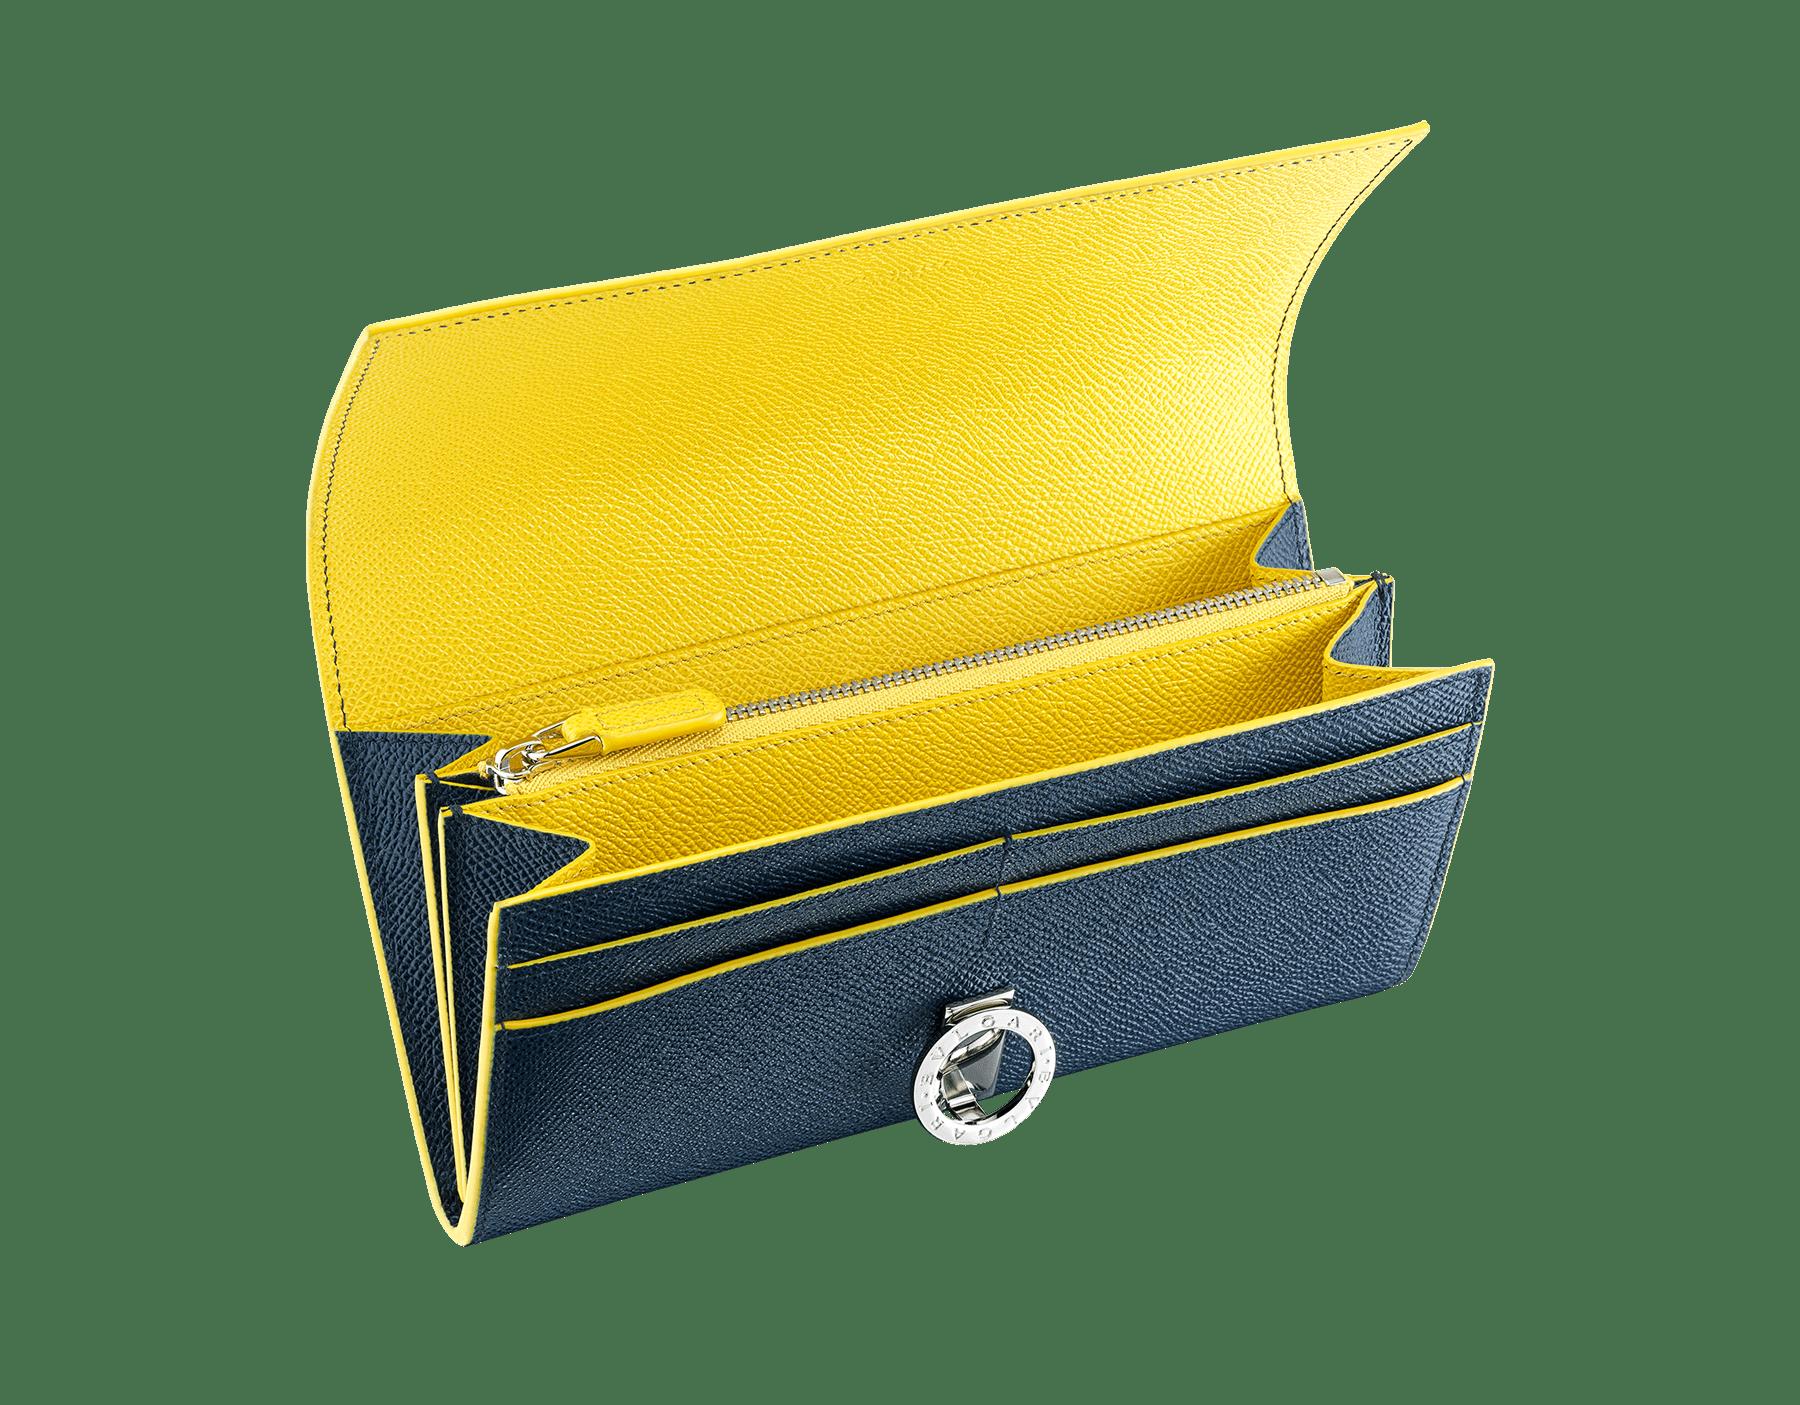 BVLGARI BVLGARI Pochette-Portemonnaie aus genarbtem Kalbsleder in Saphirblau und Daisy Topaz. Ikonische Verschlussklammer mit Logo aus palladiumbeschichtetem Messing. BCM-WLT-POCHE-16CCa image 2